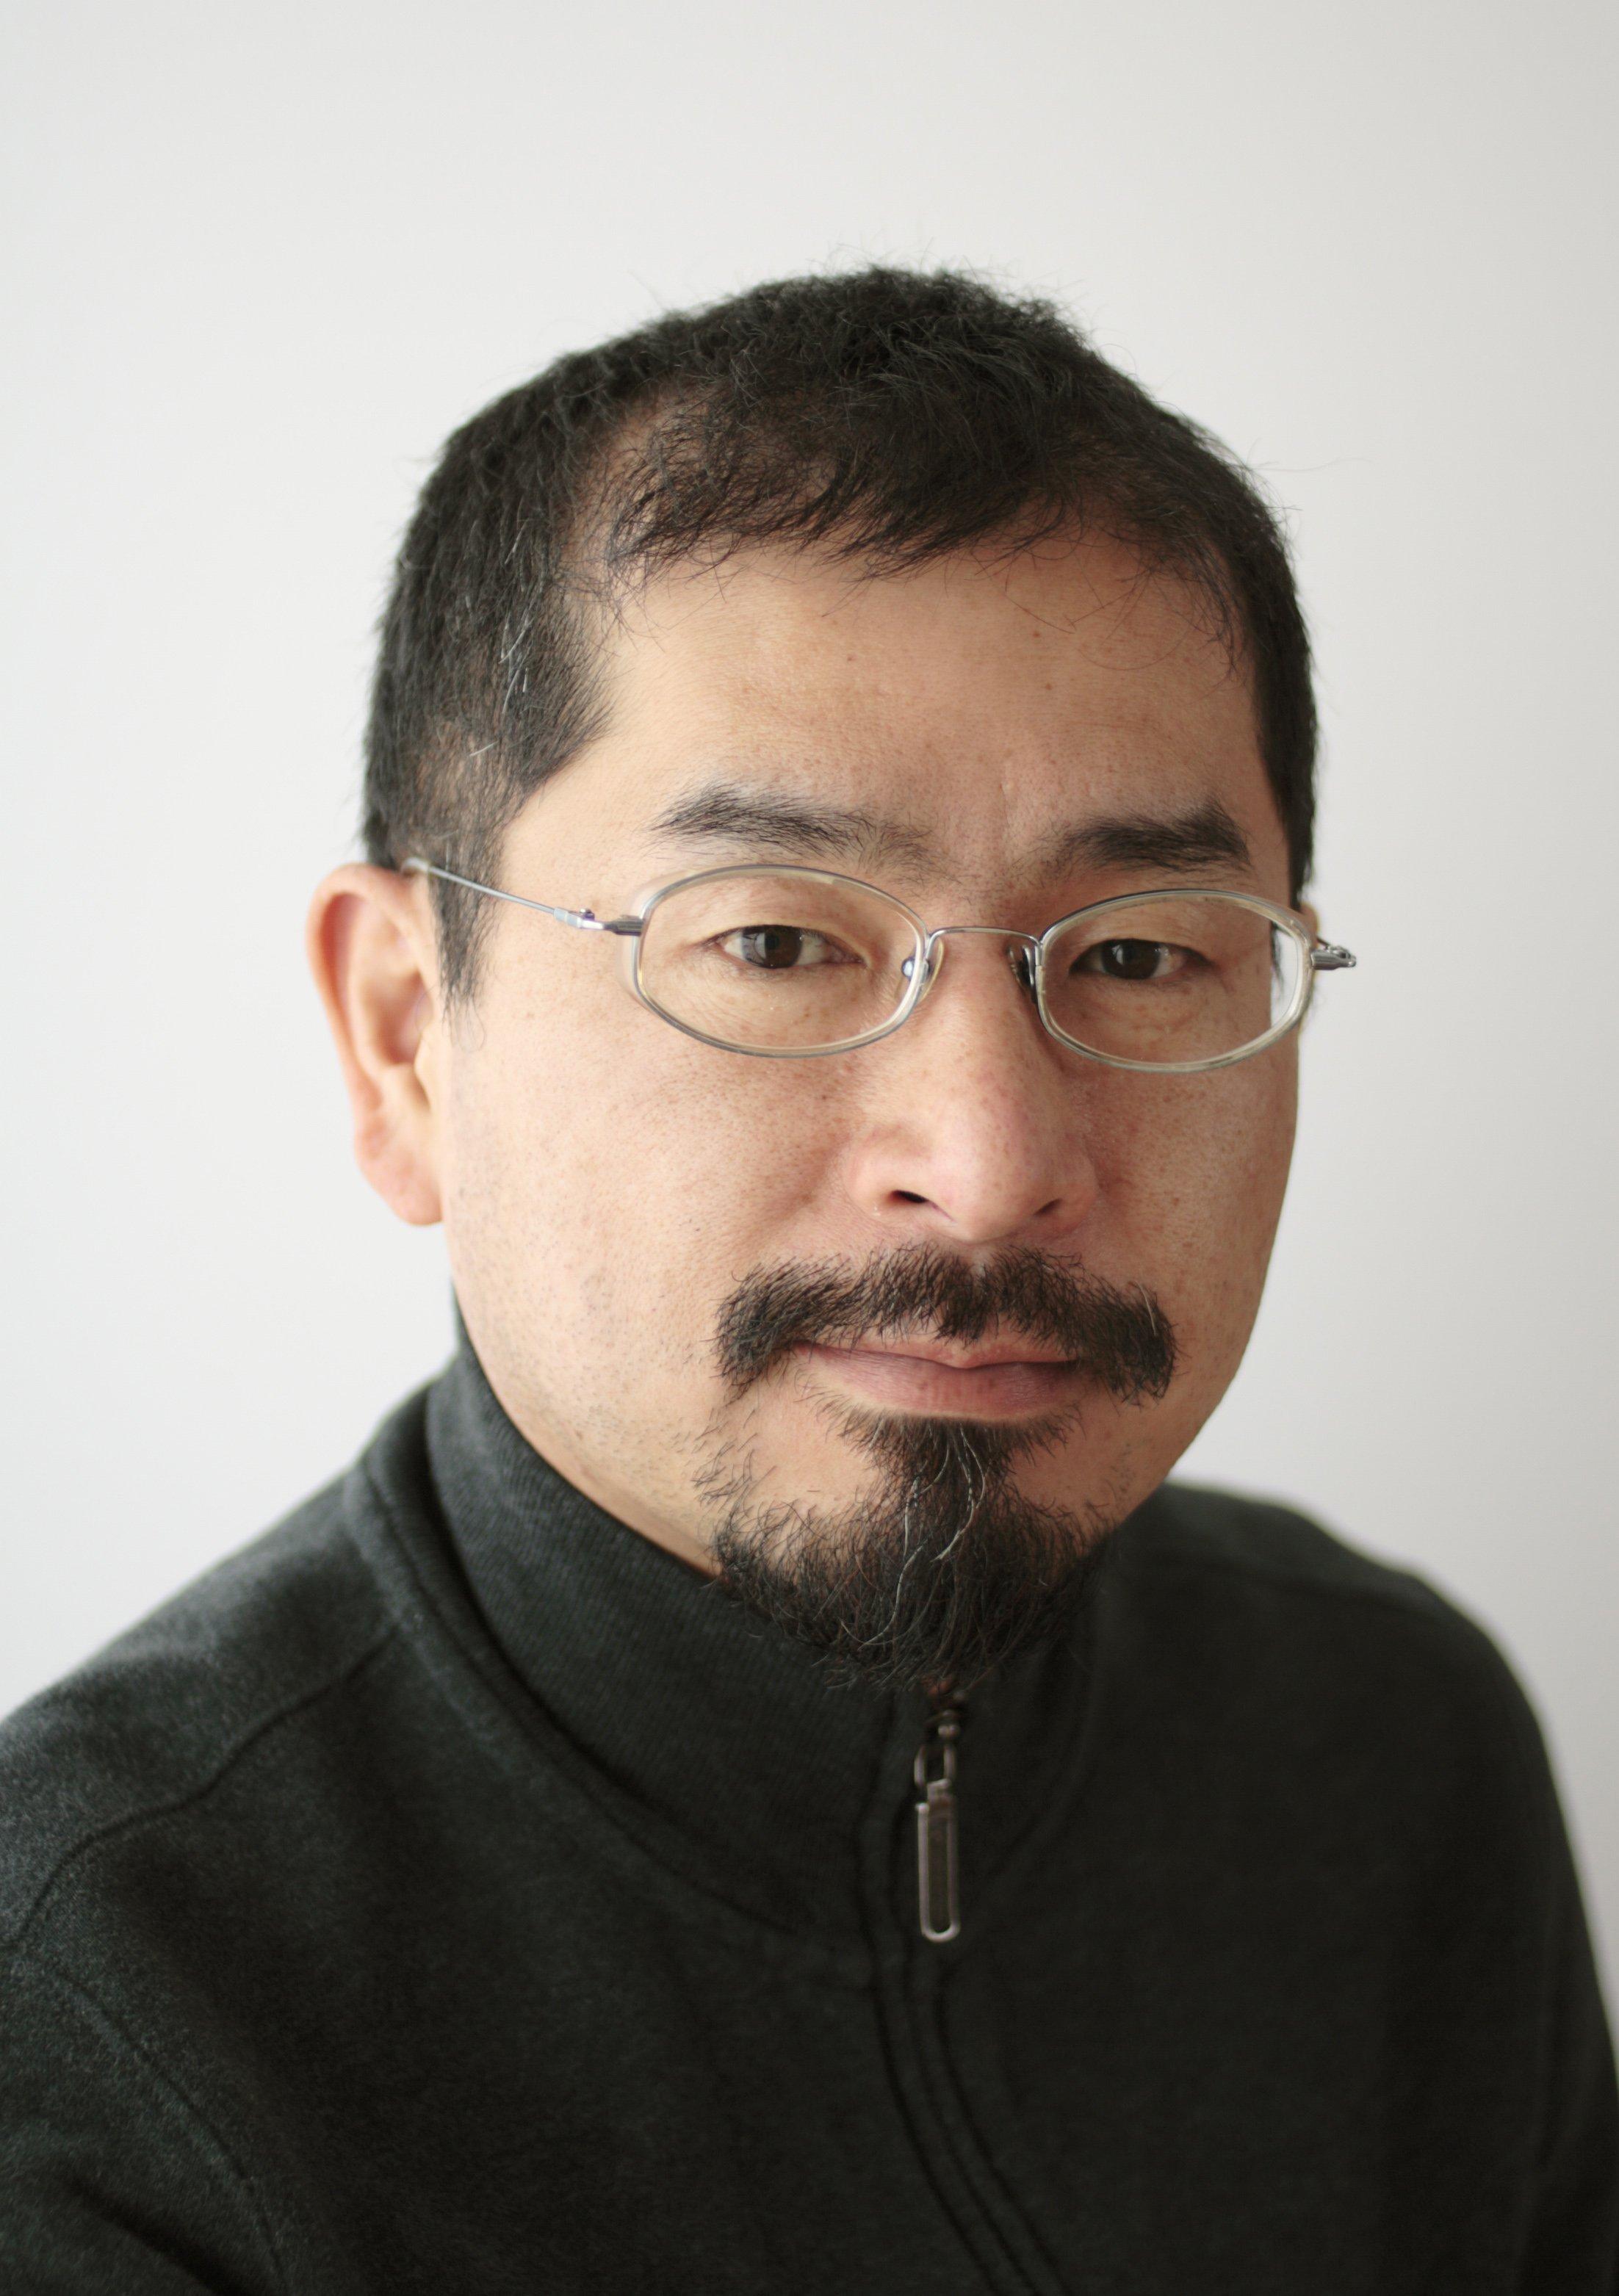 西澤氏ポートレート.jpg